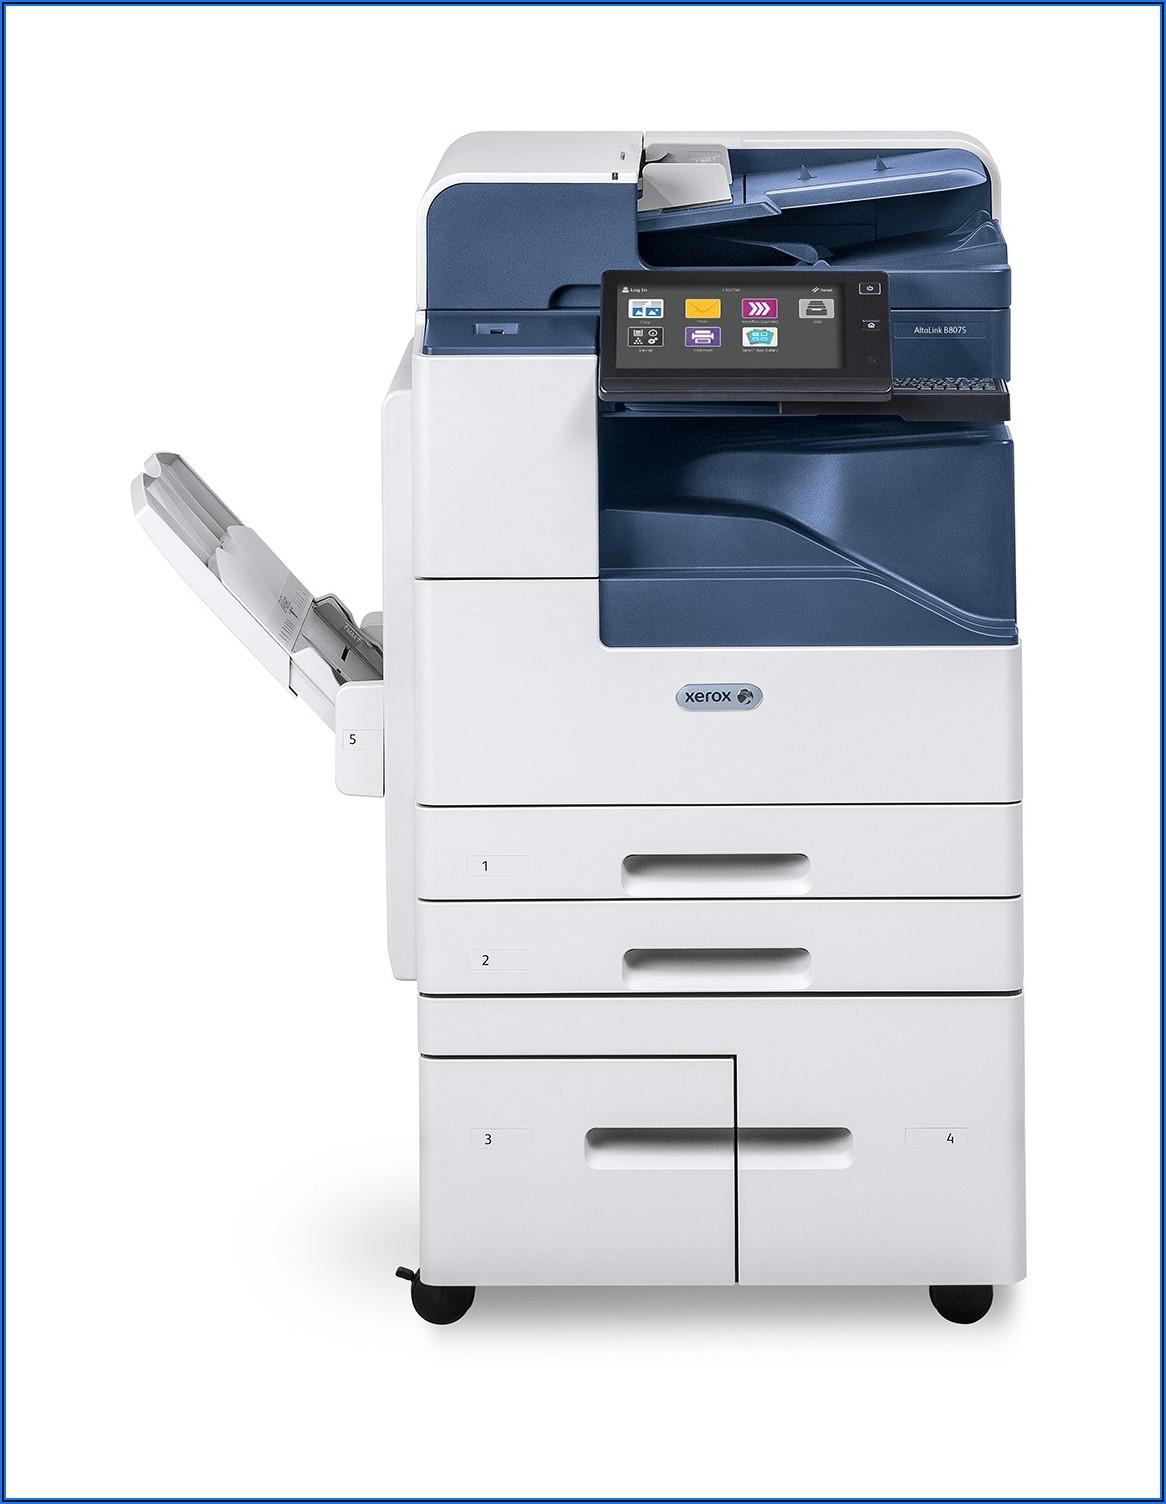 Xerox Altalink C8045 Brochure